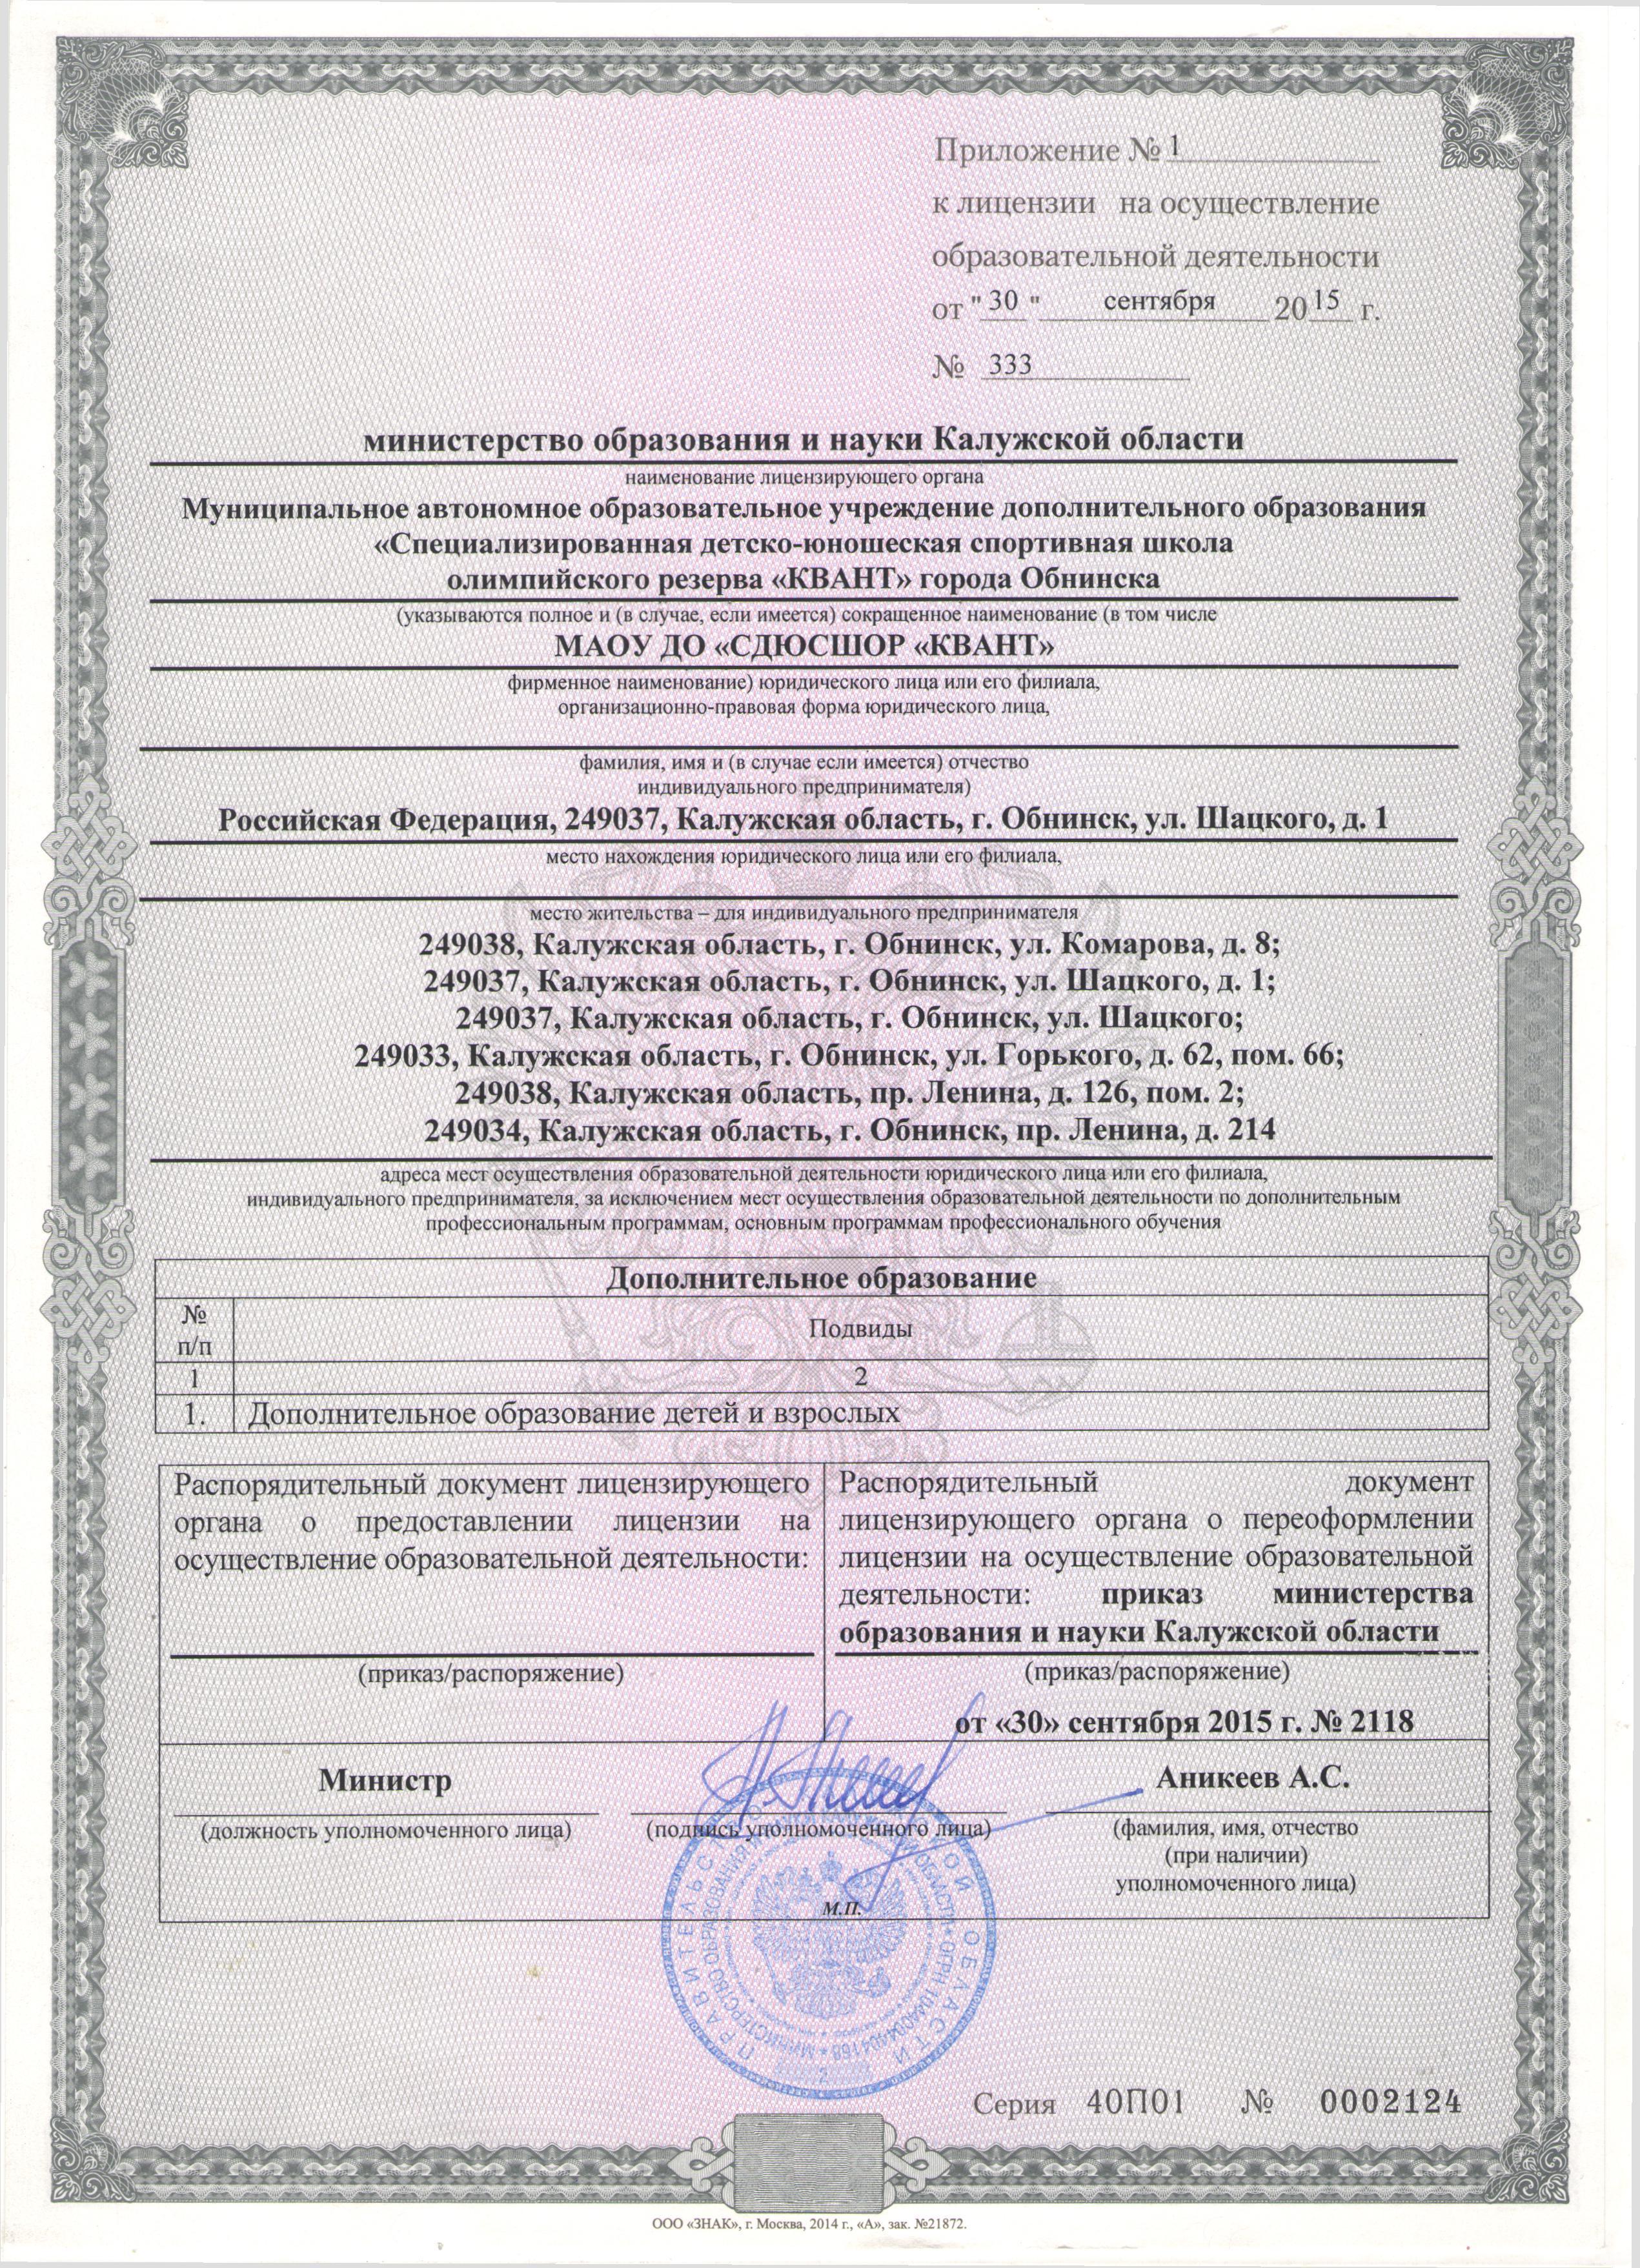 Приложение к образ. лицензии